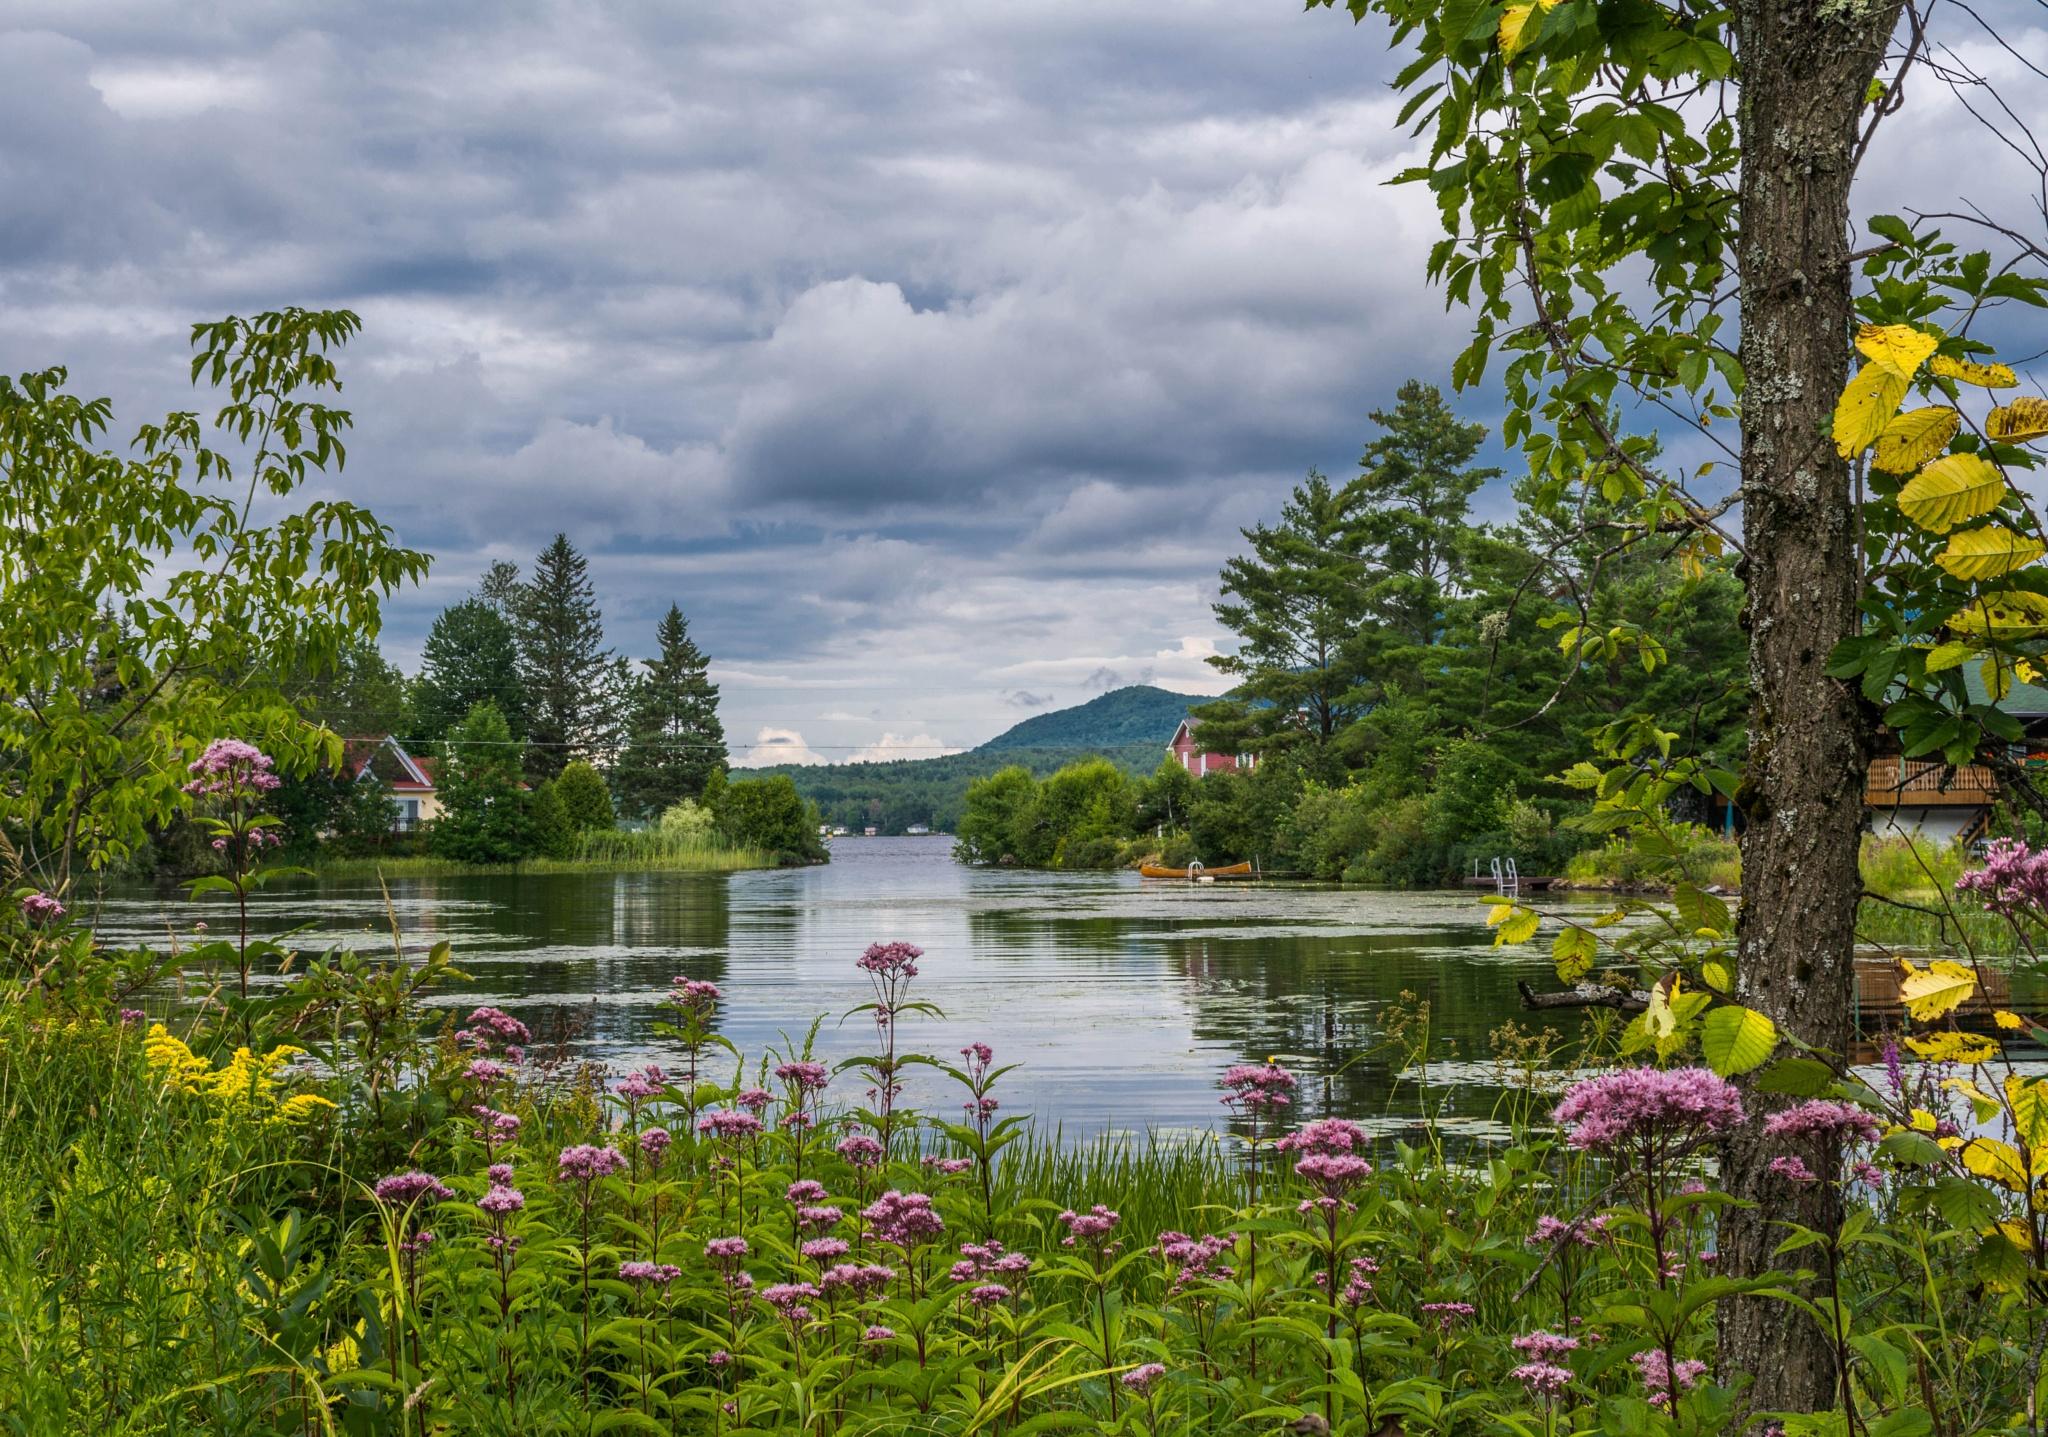 Le lac d'Argent by AteliersClaudeBernard